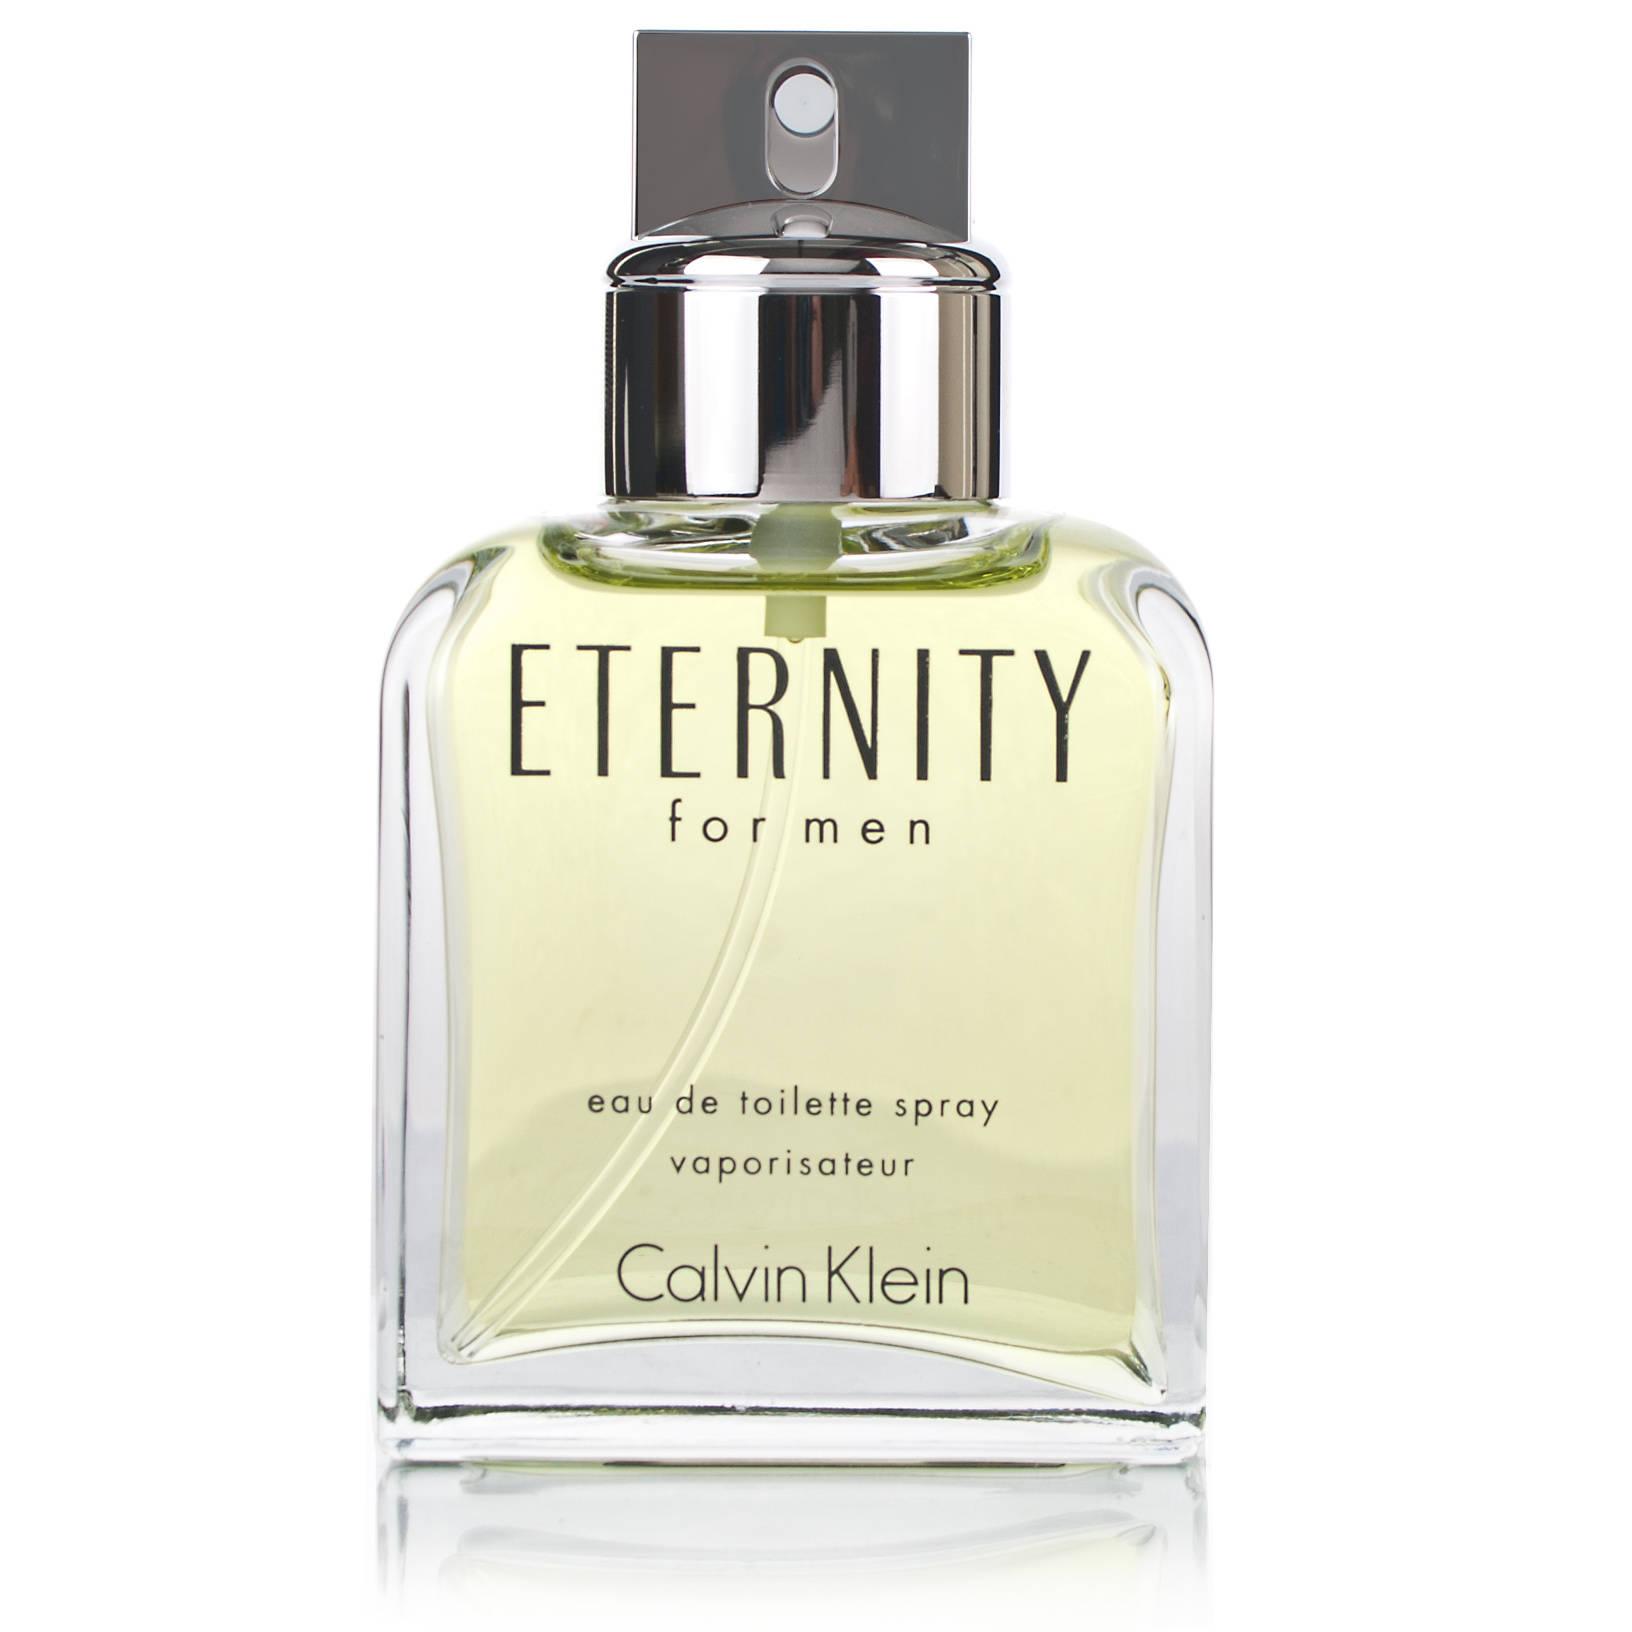 Calvin Klein Eternity for men edt spray 100 ml